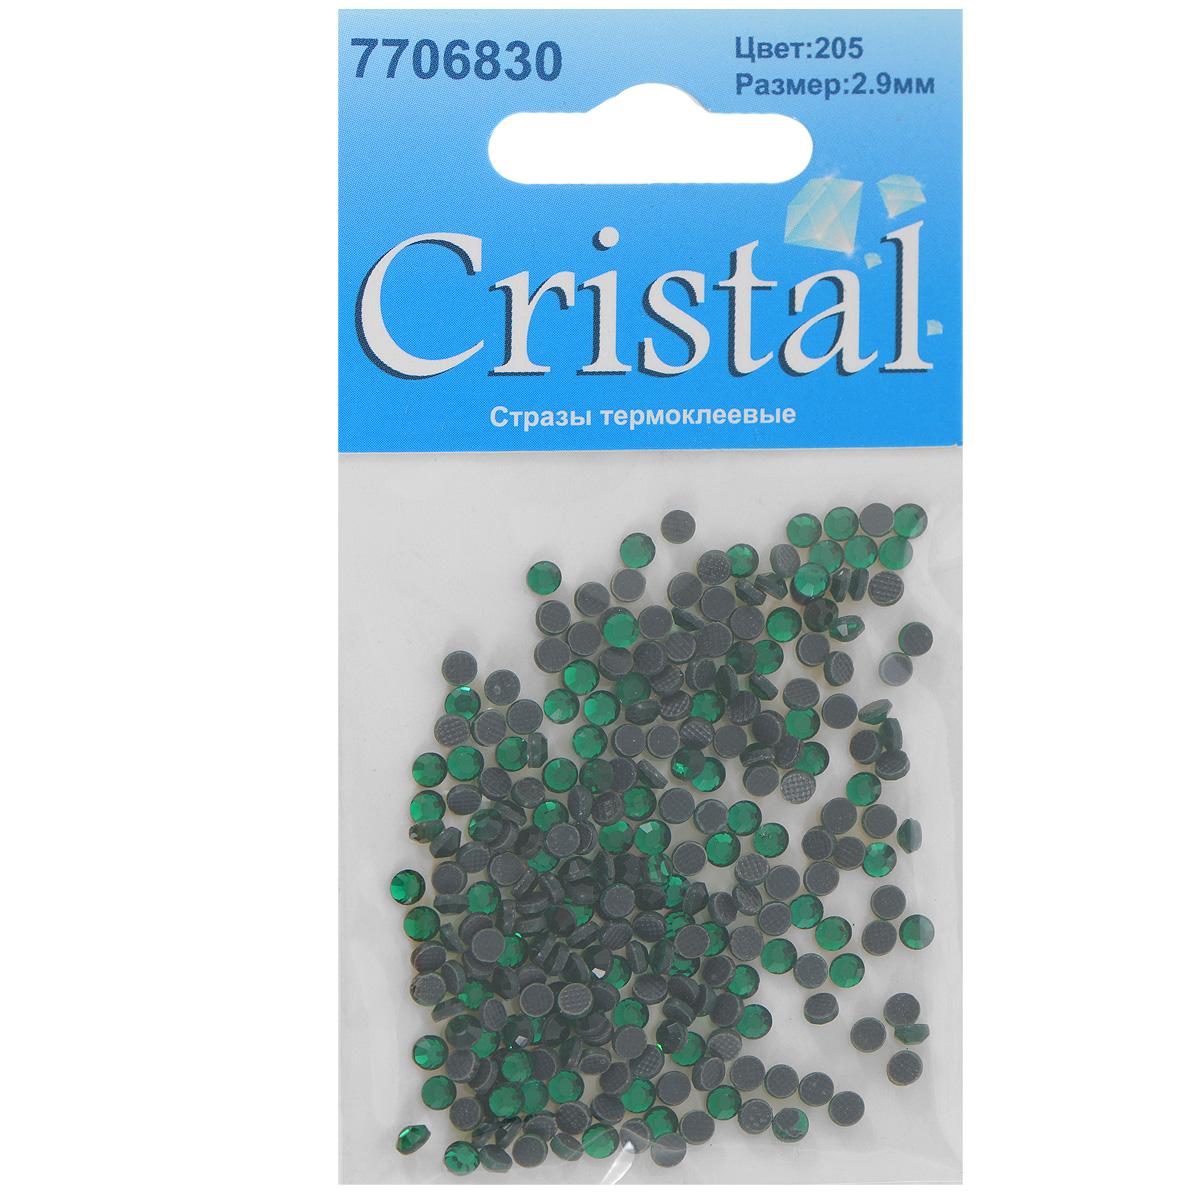 Стразы термоклеевые Cristal, цвет: зеленый (205), диаметр 2,9 мм, 288 шт7706830_205Набор термоклеевых страз Cristal, изготовленный из высококачественного акрила, позволит вам украсить одежду, аксессуары или текстиль. Яркие стразы имеют плоское дно и круглую поверхность с гранями.Дно термоклеевых страз уже обработано особым клеем, который под воздействием высоких температур начинает плавиться, приклеиваясь, таким образом, к требуемой поверхности. Чаще всего их используют в текстильной промышленности: стразы прикладывают к ткани и проглаживают утюгом с обратной стороны. Также можно использовать специальный паяльник. Украшение стразами поможет сделать любую вещь оригинальной и неповторимой. Диаметр страз: 2,9 мм.